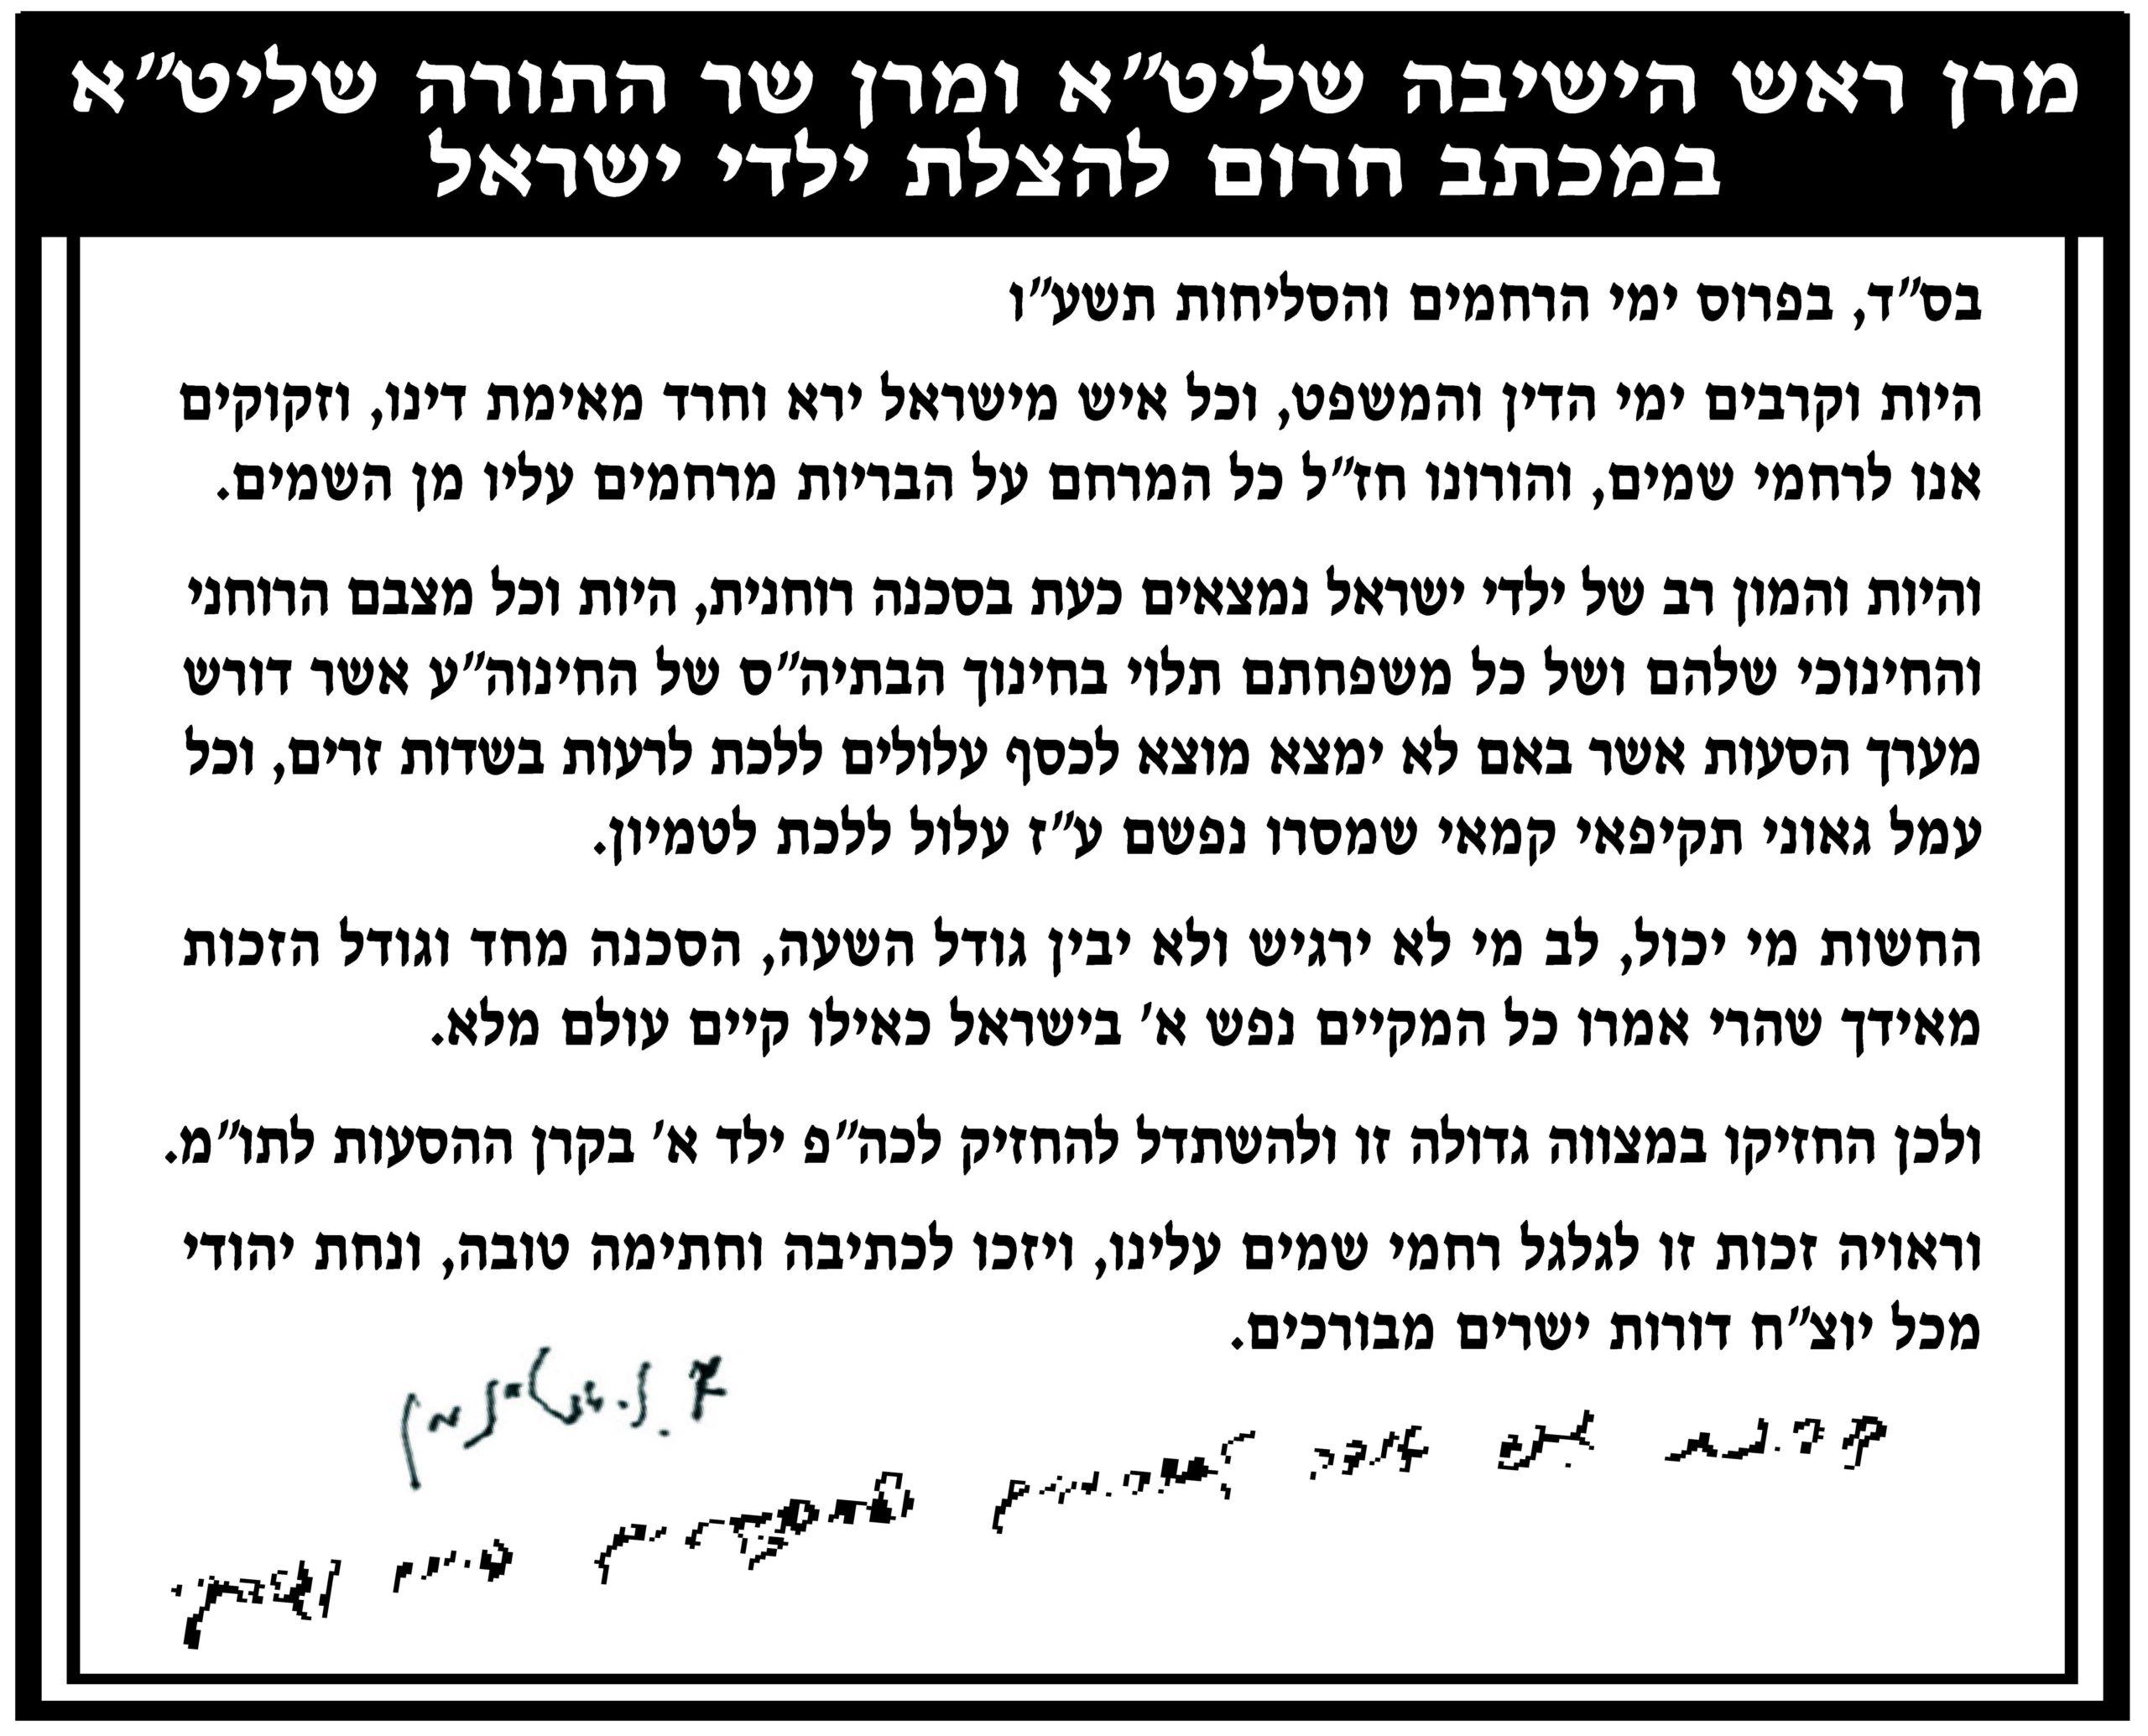 מכתב-הרב-שטיינמן-08.09.15-scaled